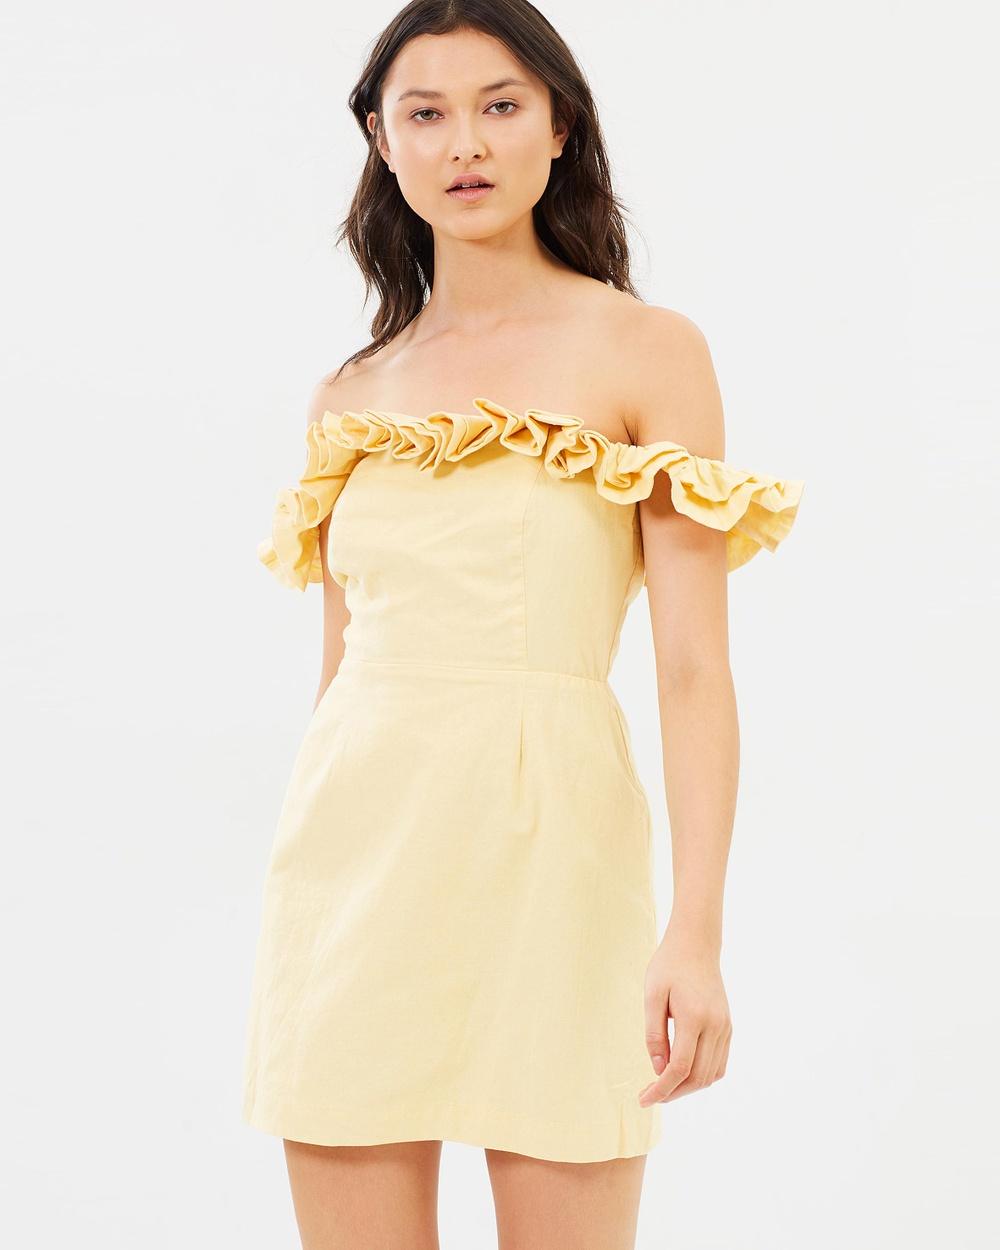 Lulu & Rose Inez Off Shoulder Dress Dresses Sunray Inez Off-Shoulder Dress